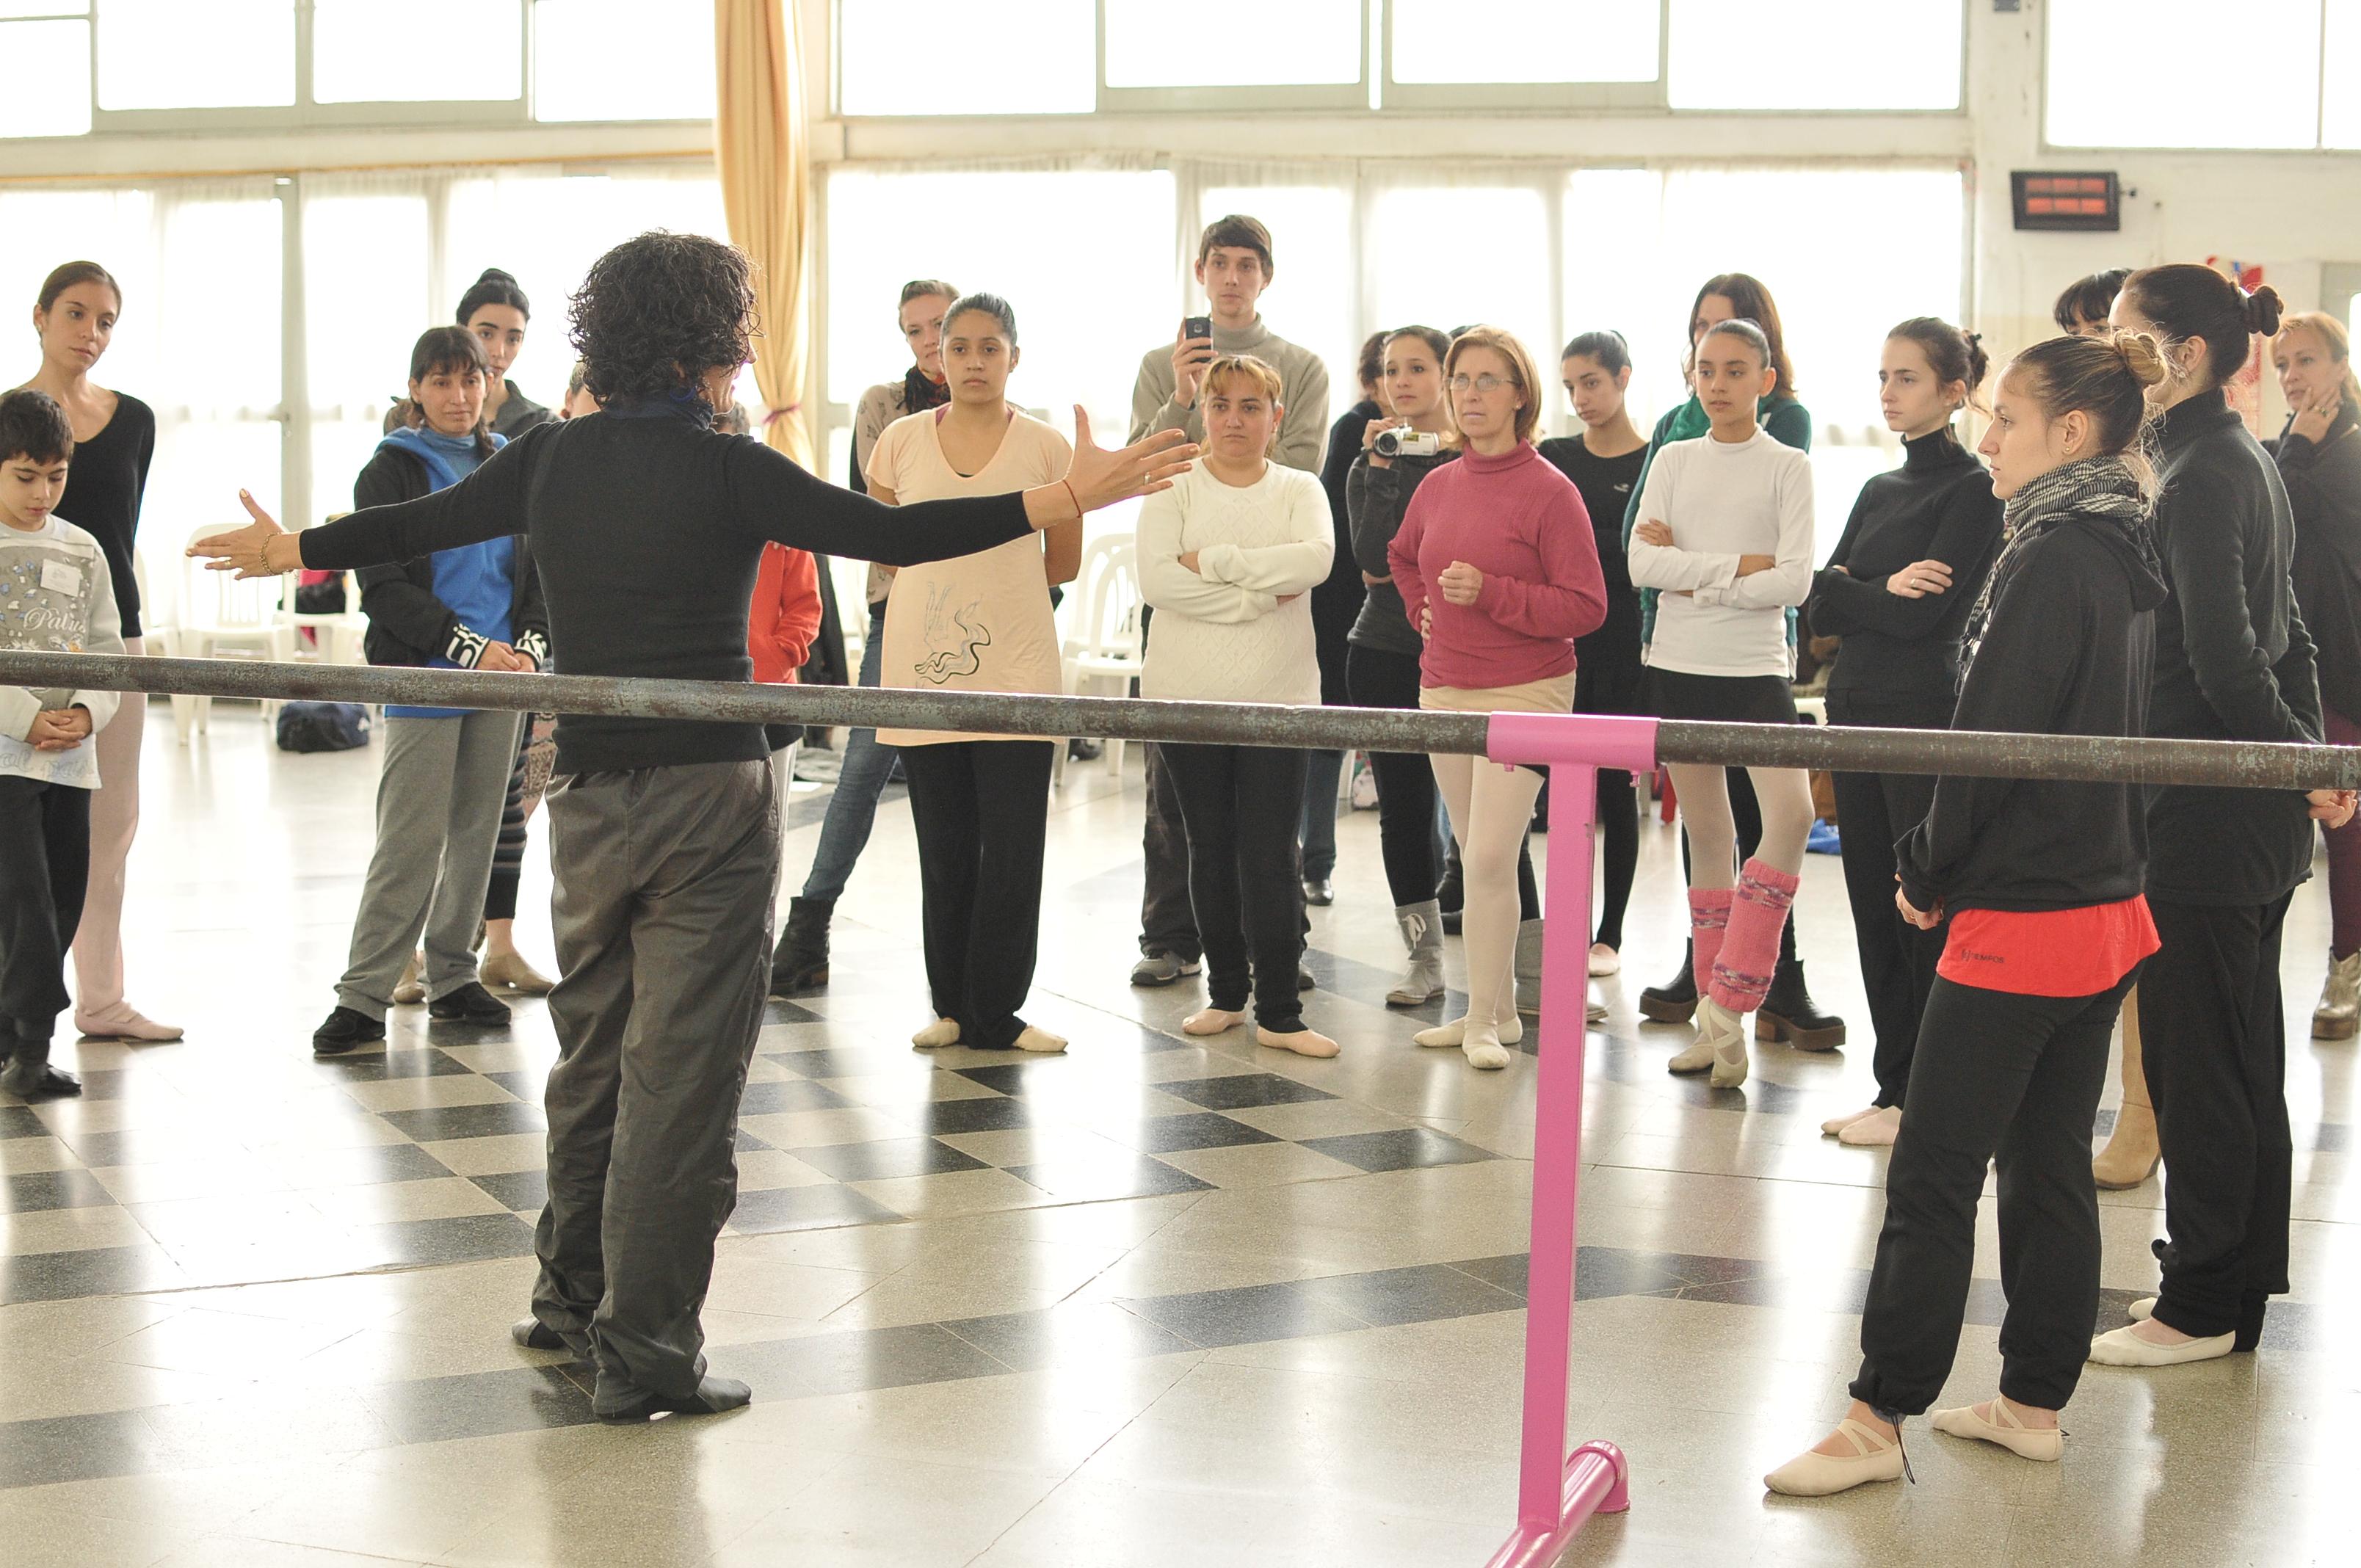 IV Congreso Internacional sobre Danza Clásica en el Siglo XXI